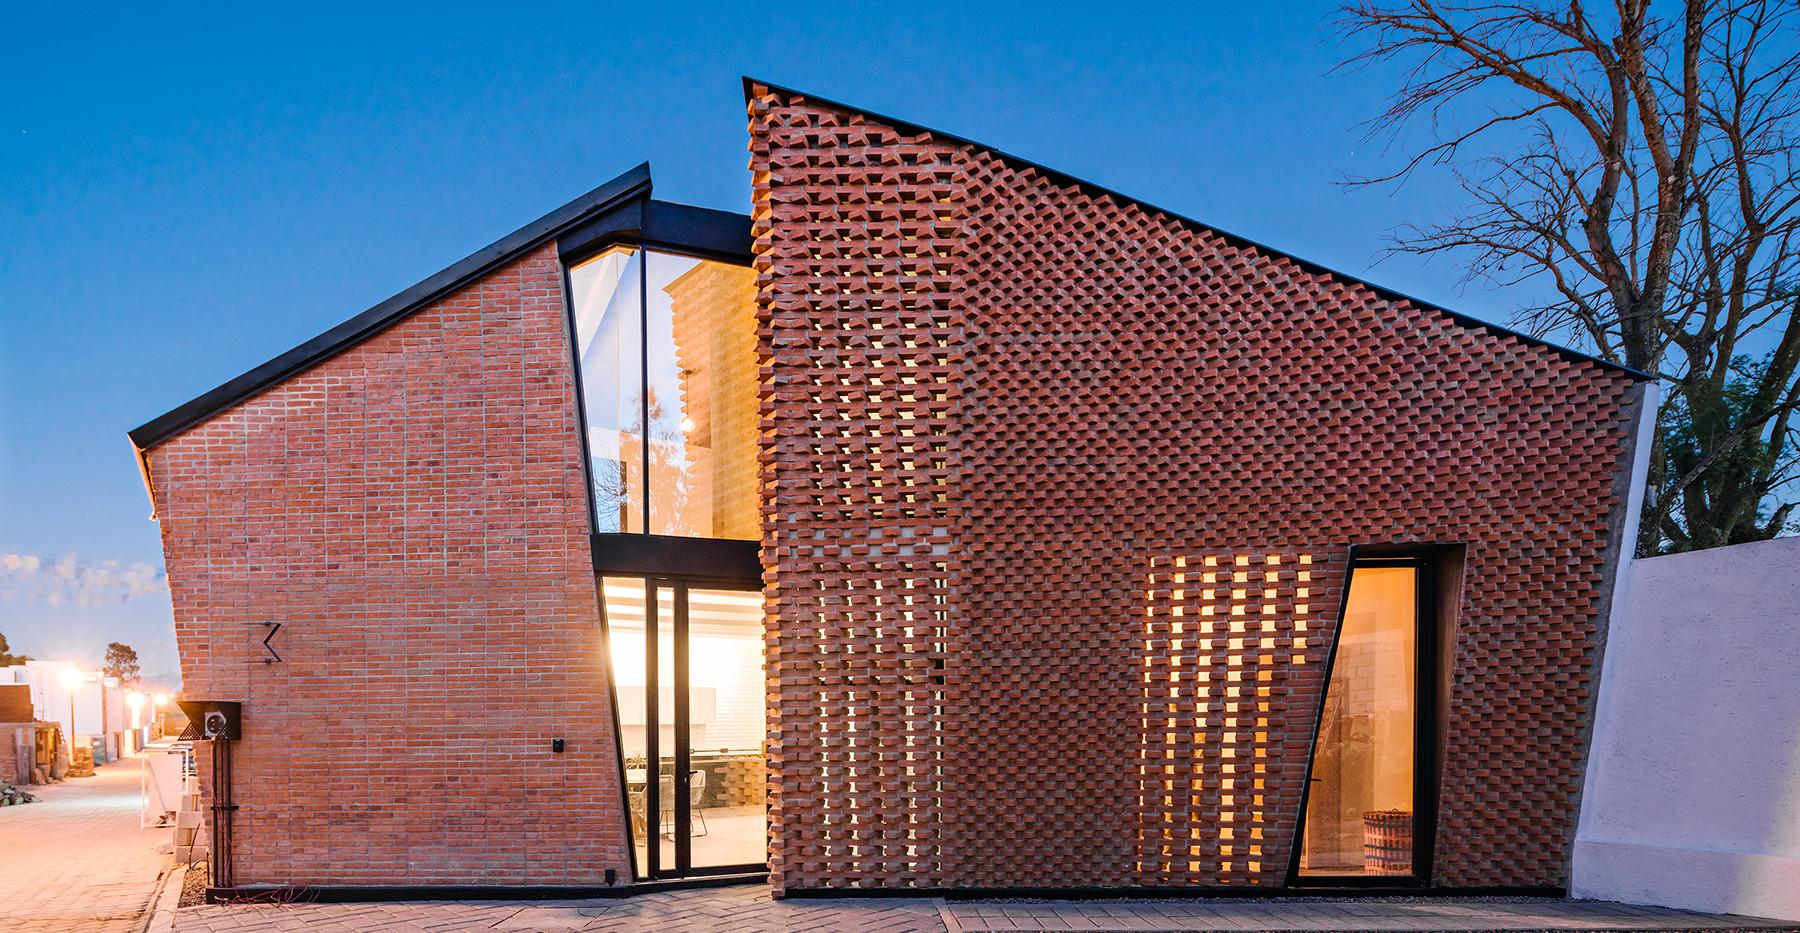 Saint Peter House / Proyecto Cafeína + Estudio Tecali Cholula, Mx